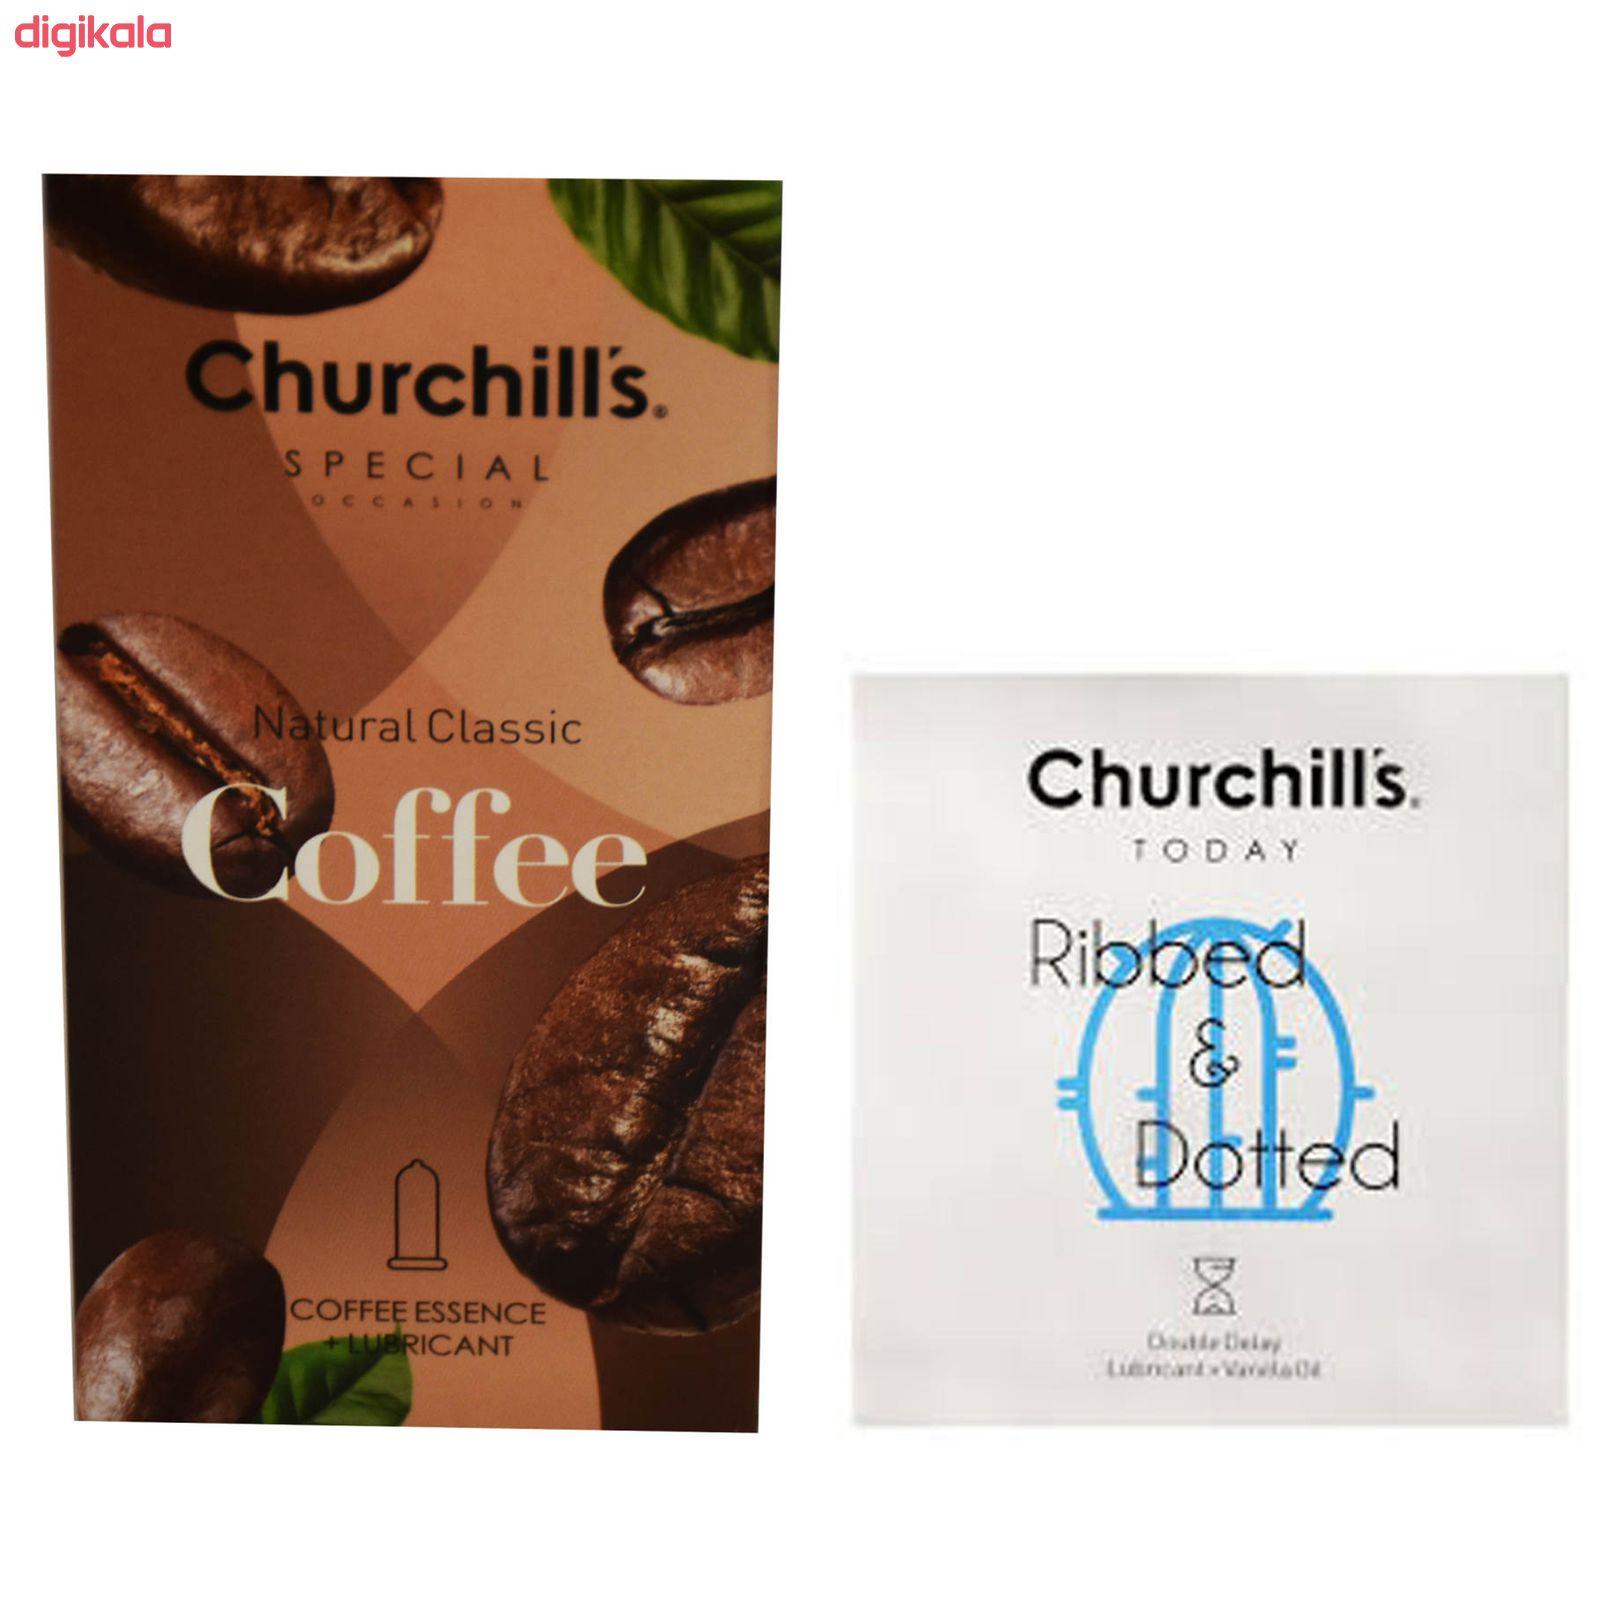 کاندوم چرچیلز مدل Coffee بسته 12 عددی به همراه کاندوم مدل شیاردار و خاردار بسته 3 عددی main 1 1